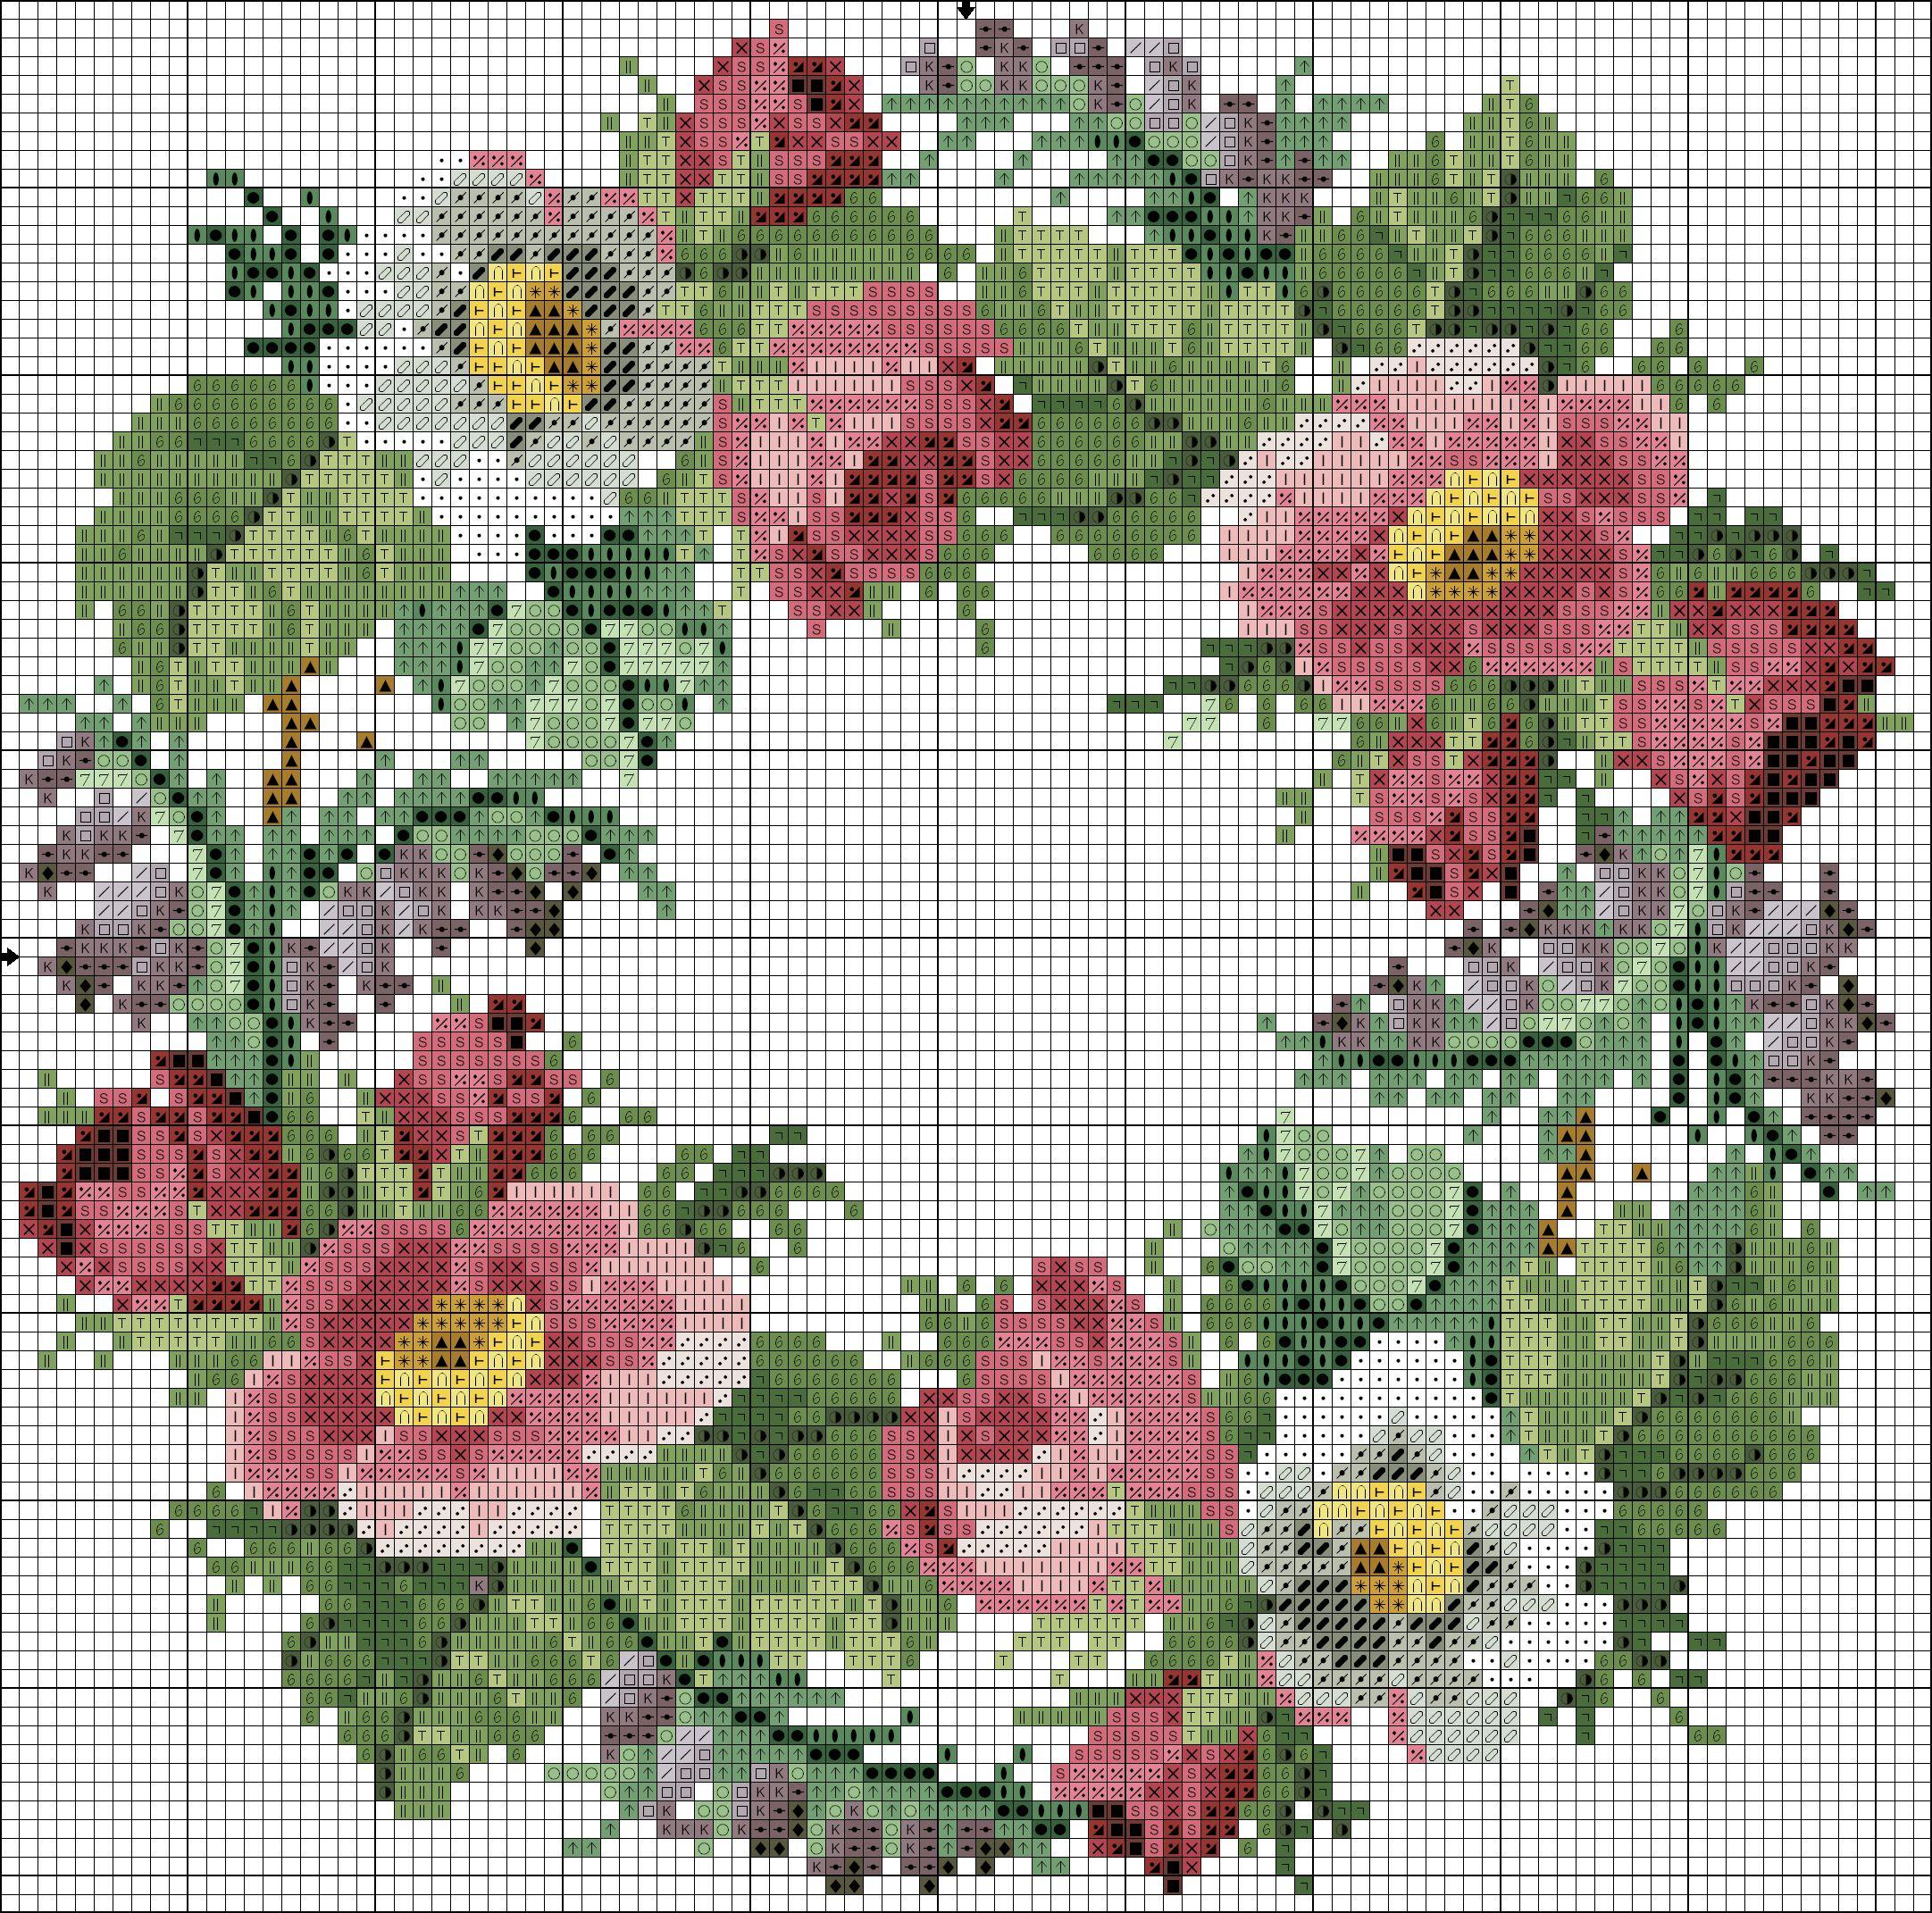 Markisallerywatchphudoeherut embroidery